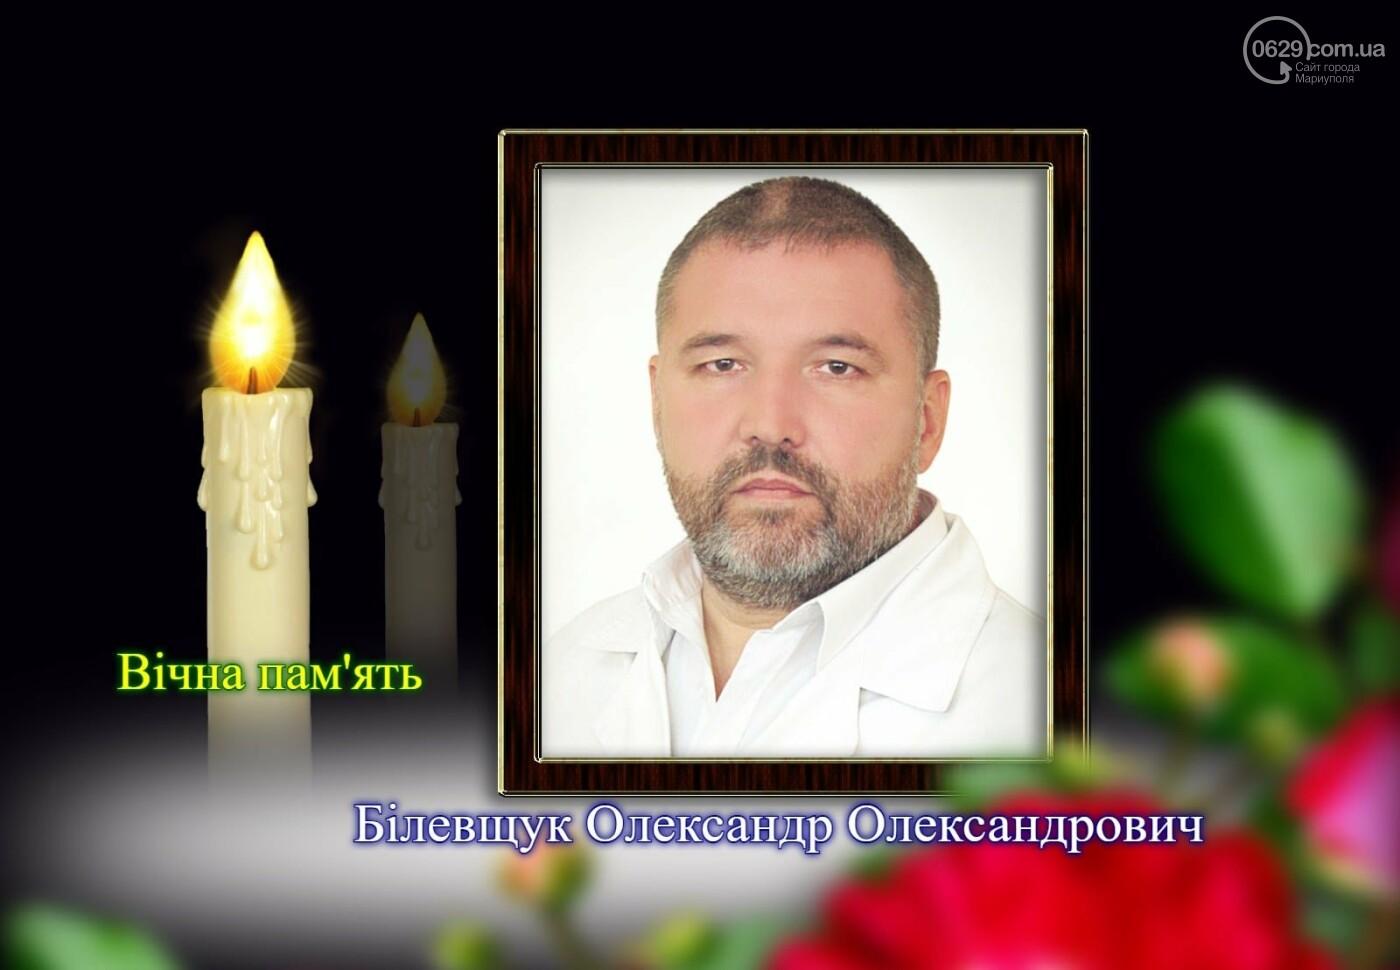 От последствий COVID-19 в Мариуполе умер известный врач, фото-1